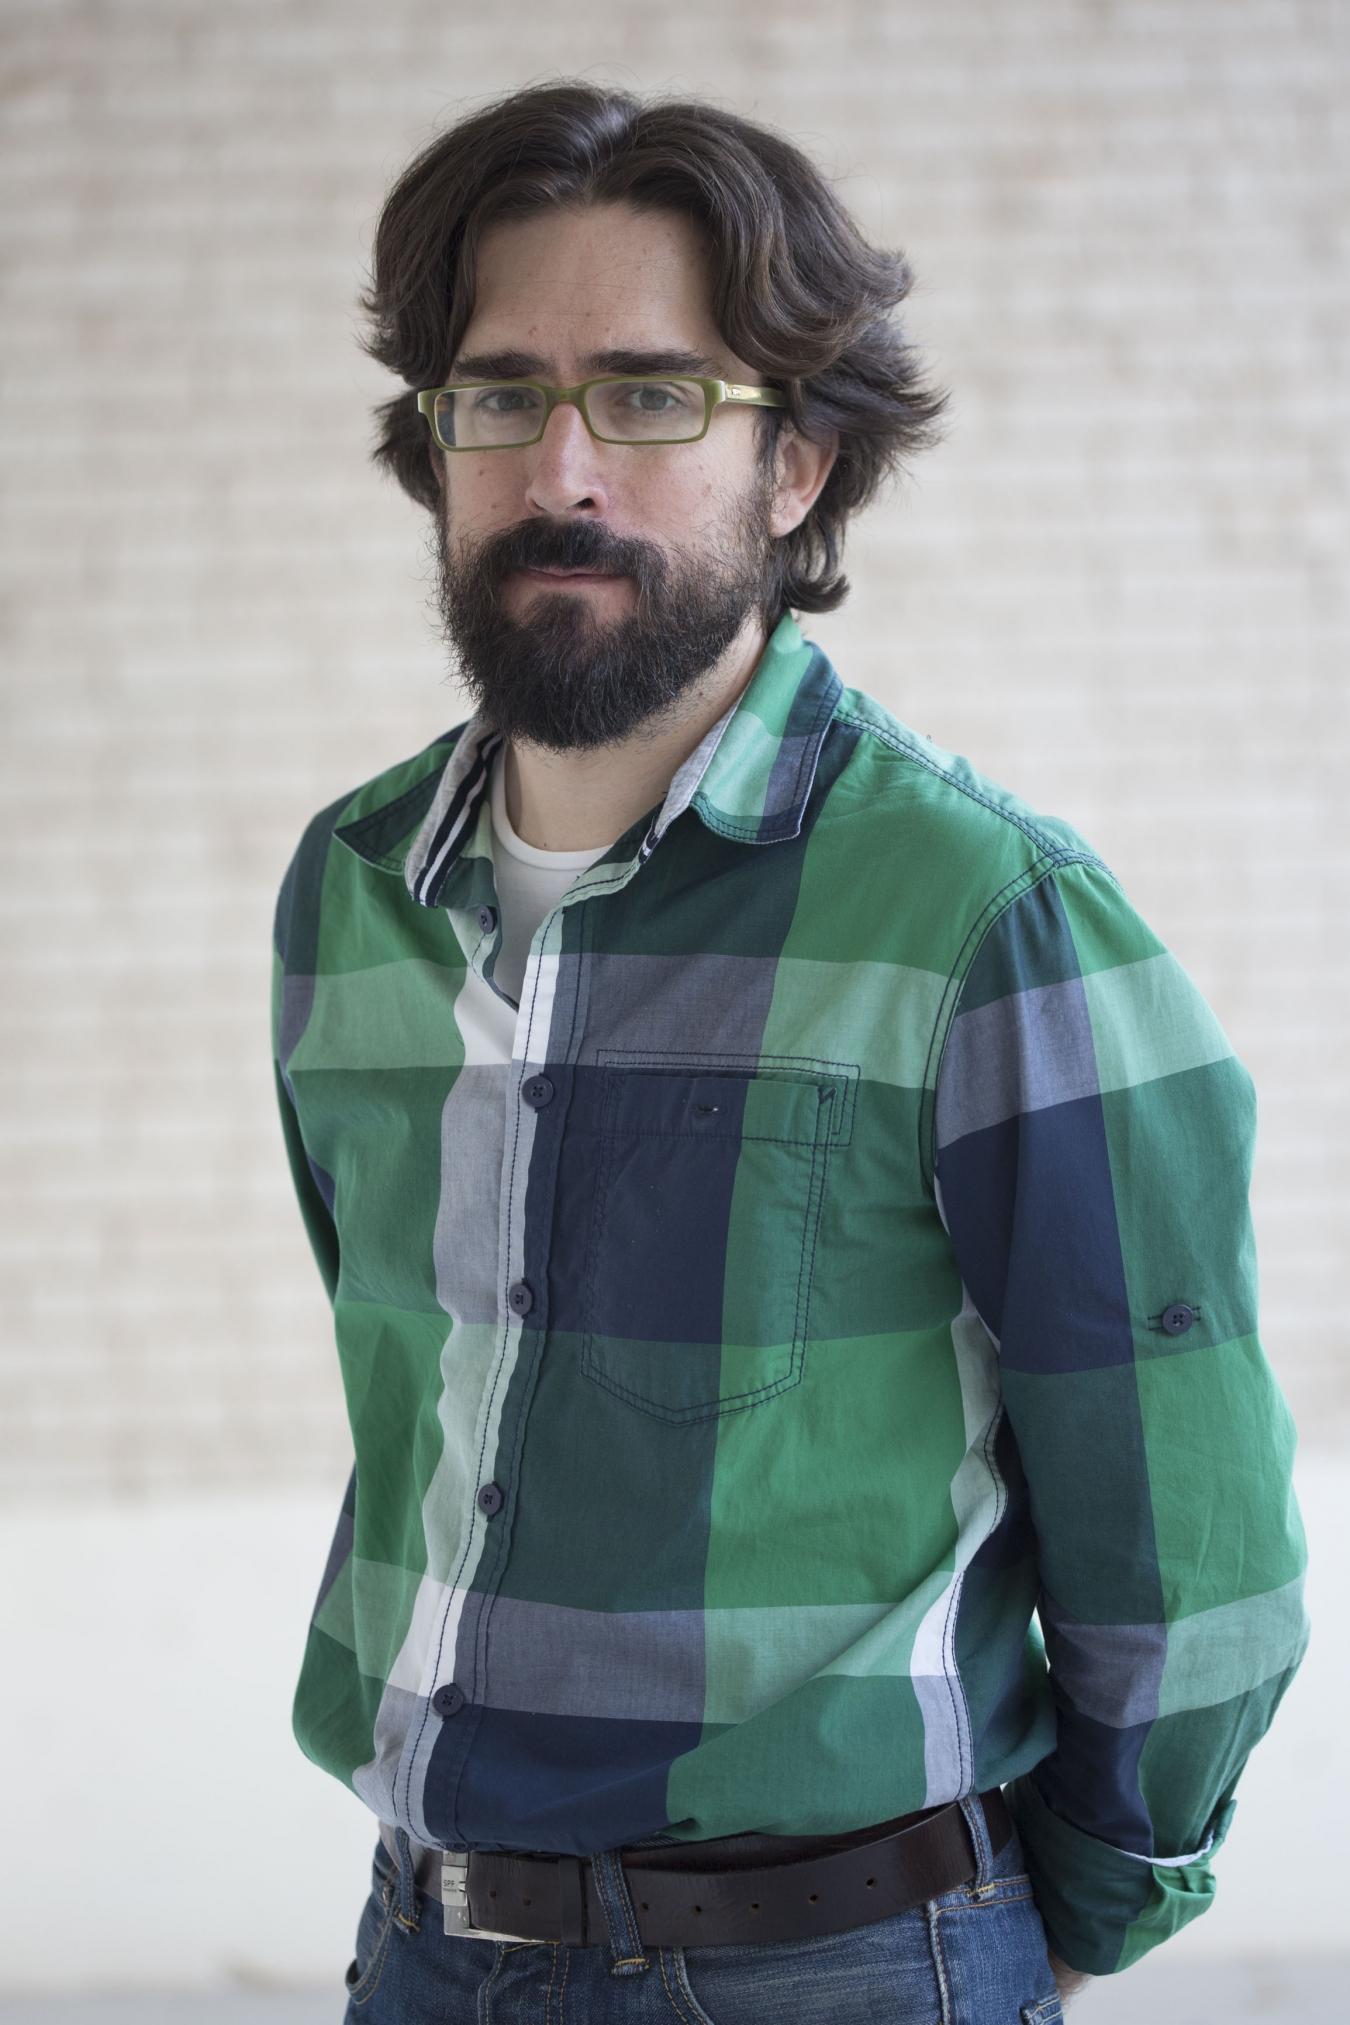 El professor García-Esparza, membre de l'International Committee on Historic Towns and Villages